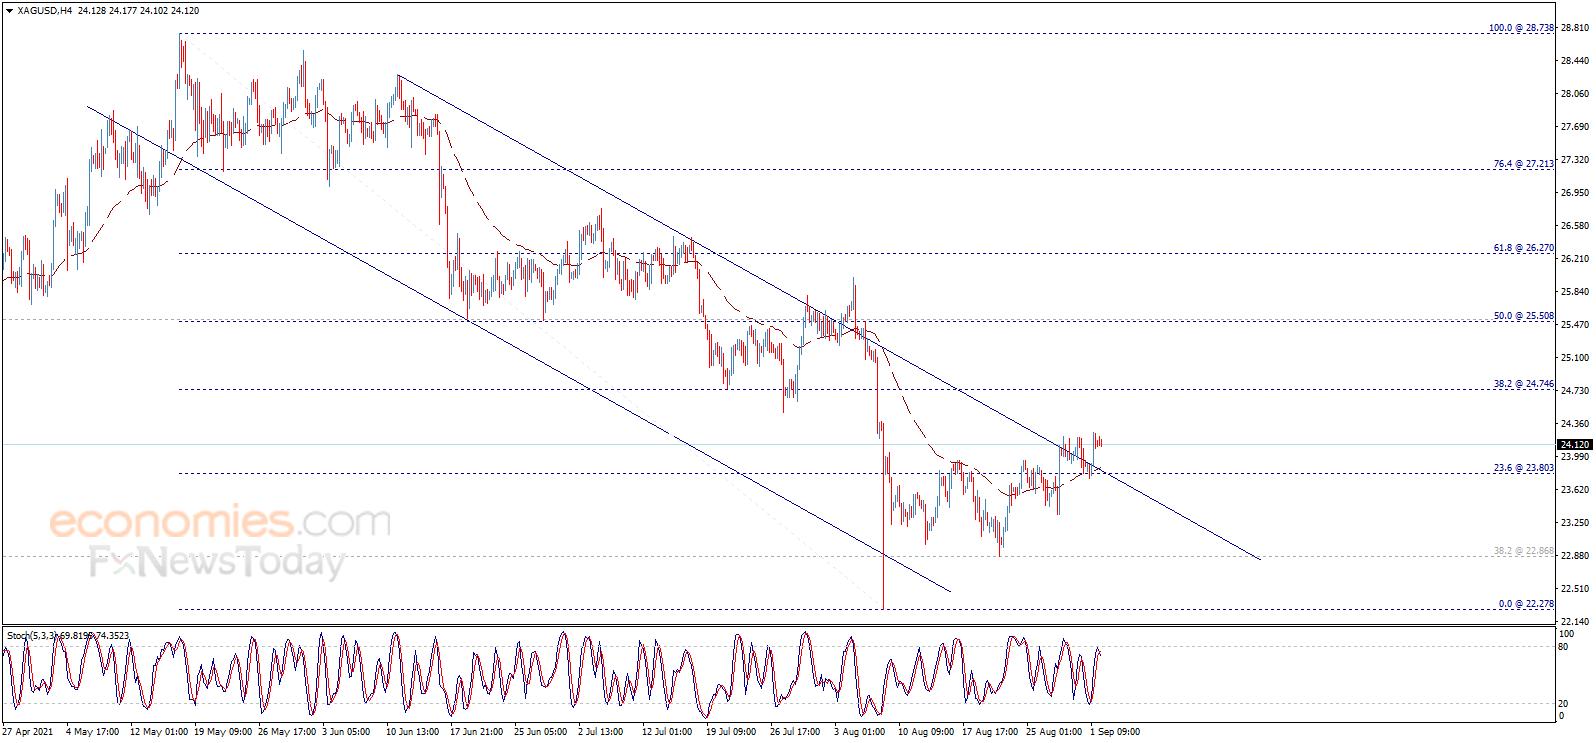 白银日内交易分析:银价前景继续看涨 料再上涨逾2%